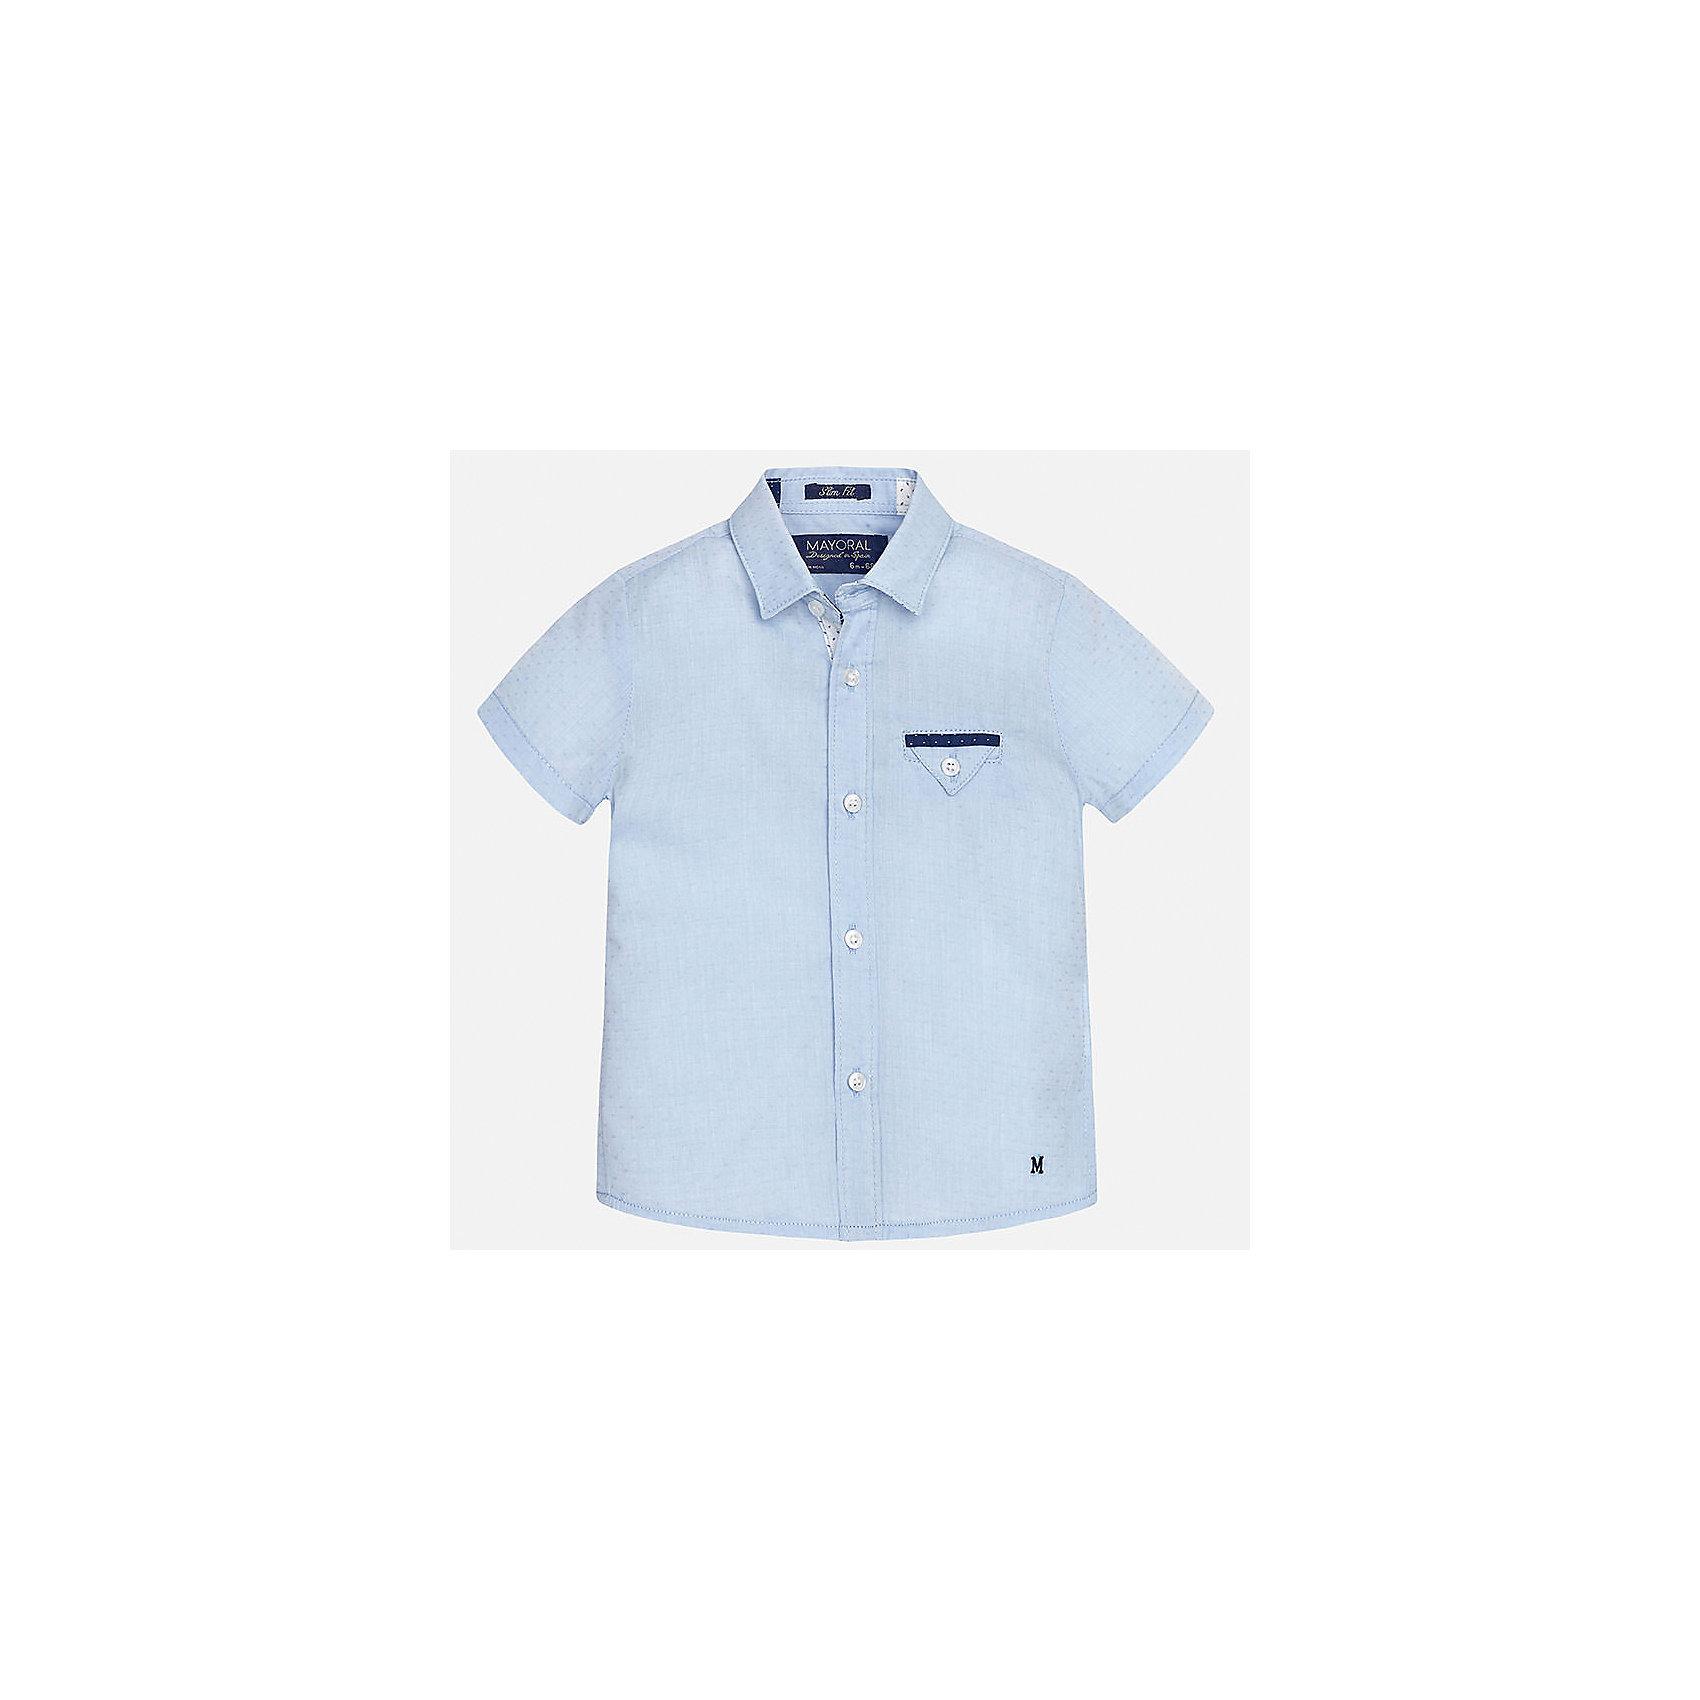 Рубашка для мальчика MayoralБлузки и рубашки<br>Характеристики товара:<br><br>• цвет: голубой<br>• состав: 100% хлопок<br>• отложной воротник<br>• короткие рукава<br>• застежка: пуговицы<br>• карман на груди<br>• страна бренда: Испания<br><br>Красивая рубашка может отлично дополнить гардероб ребенка. Она хорошо сочетается с брюками, шортами, джинсами и т.д. Универсальный крой и цвет позволяет подобрать к вещи низ разных расцветок. Практичное и стильное изделие! В составе материала - только натуральный хлопок, гипоаллергенный, приятный на ощупь, дышащий.<br><br>Одежда, обувь и аксессуары от испанского бренда Mayoral полюбились детям и взрослым по всему миру. Модели этой марки - стильные и удобные. Для их производства используются только безопасные, качественные материалы и фурнитура. Порадуйте ребенка модными и красивыми вещами от Mayoral! <br><br>Рубашку для мальчика от испанского бренда Mayoral (Майорал) можно купить в нашем интернет-магазине.<br><br>Ширина мм: 174<br>Глубина мм: 10<br>Высота мм: 169<br>Вес г: 157<br>Цвет: голубой<br>Возраст от месяцев: 12<br>Возраст до месяцев: 15<br>Пол: Мужской<br>Возраст: Детский<br>Размер: 80,92,86<br>SKU: 5279460